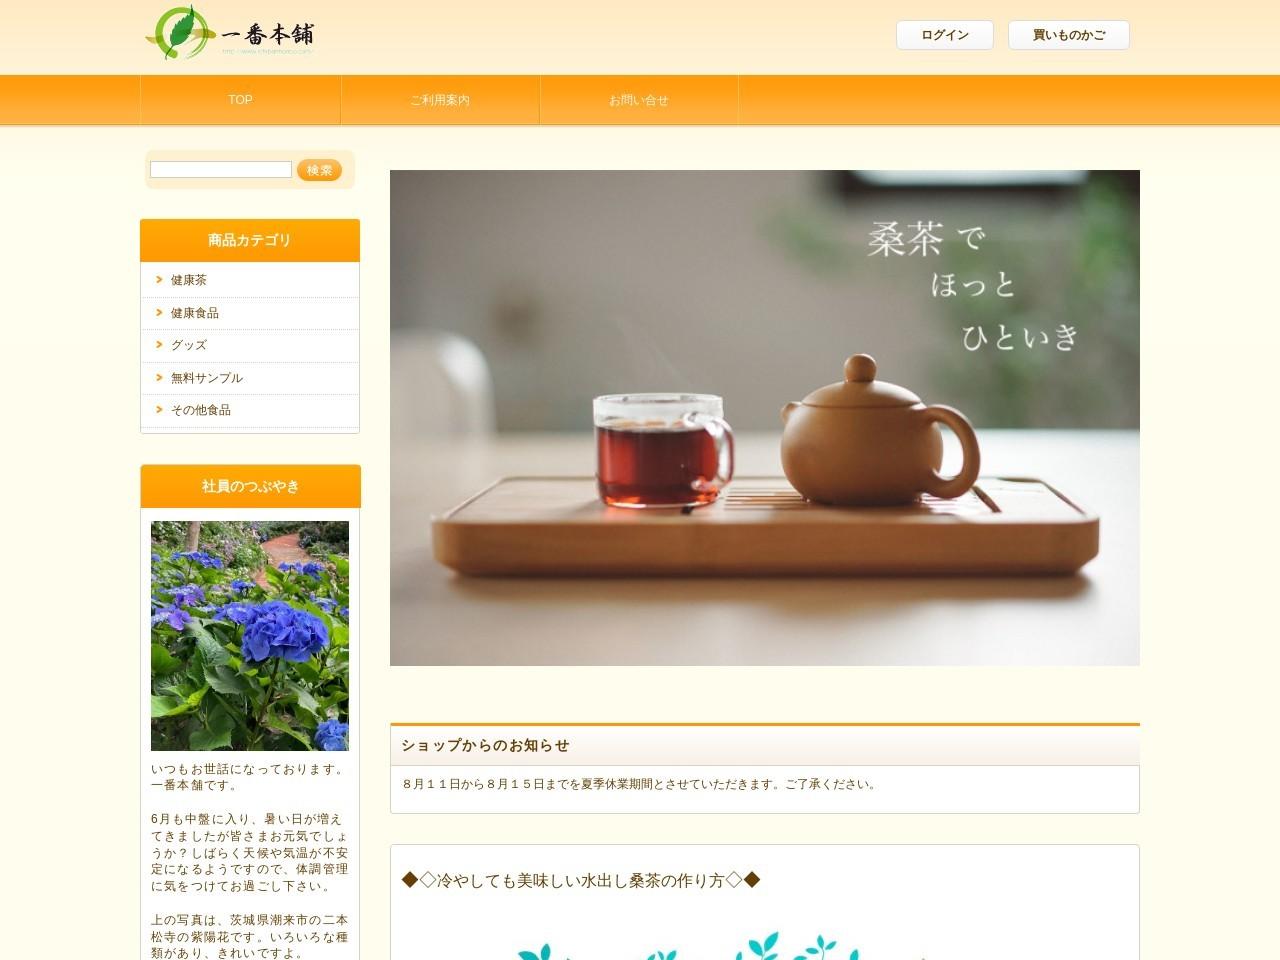 桑茶で解毒 デトックス!美容茶と青汁の通販サイト【一番本舗ドットコム】